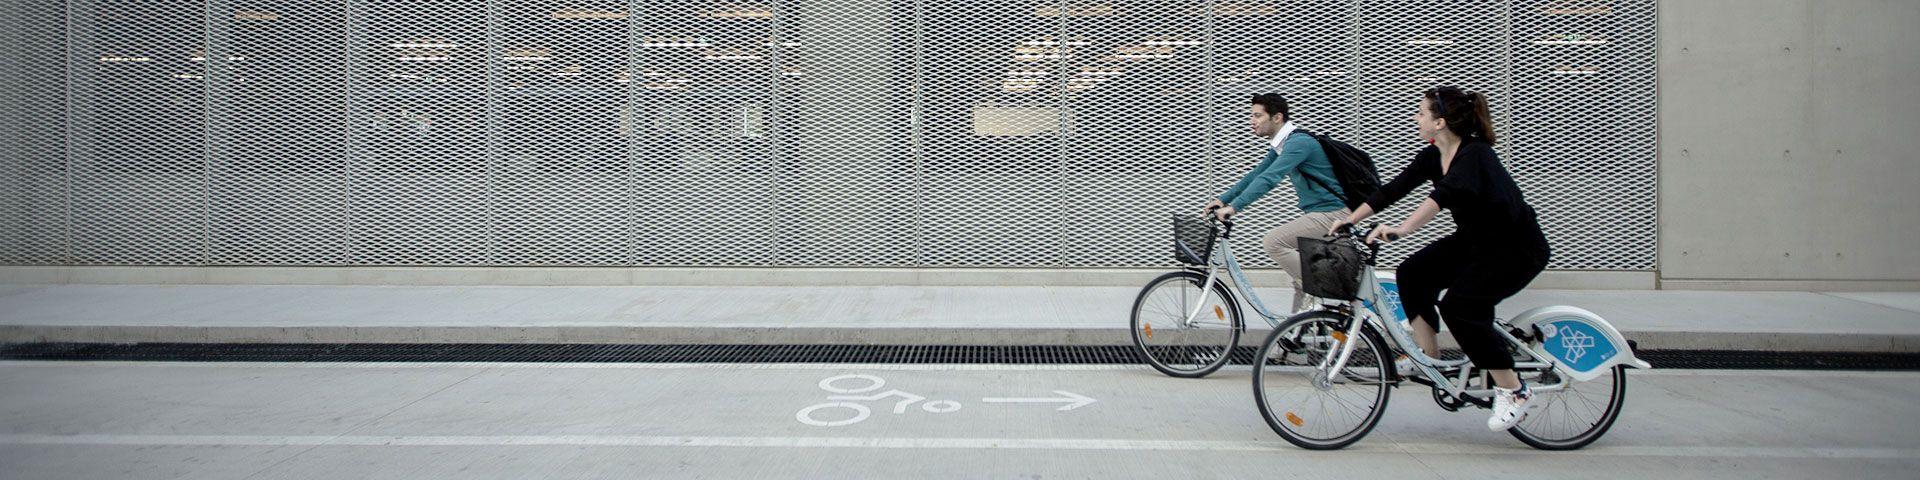 Ποδήλατα - Εικόνα